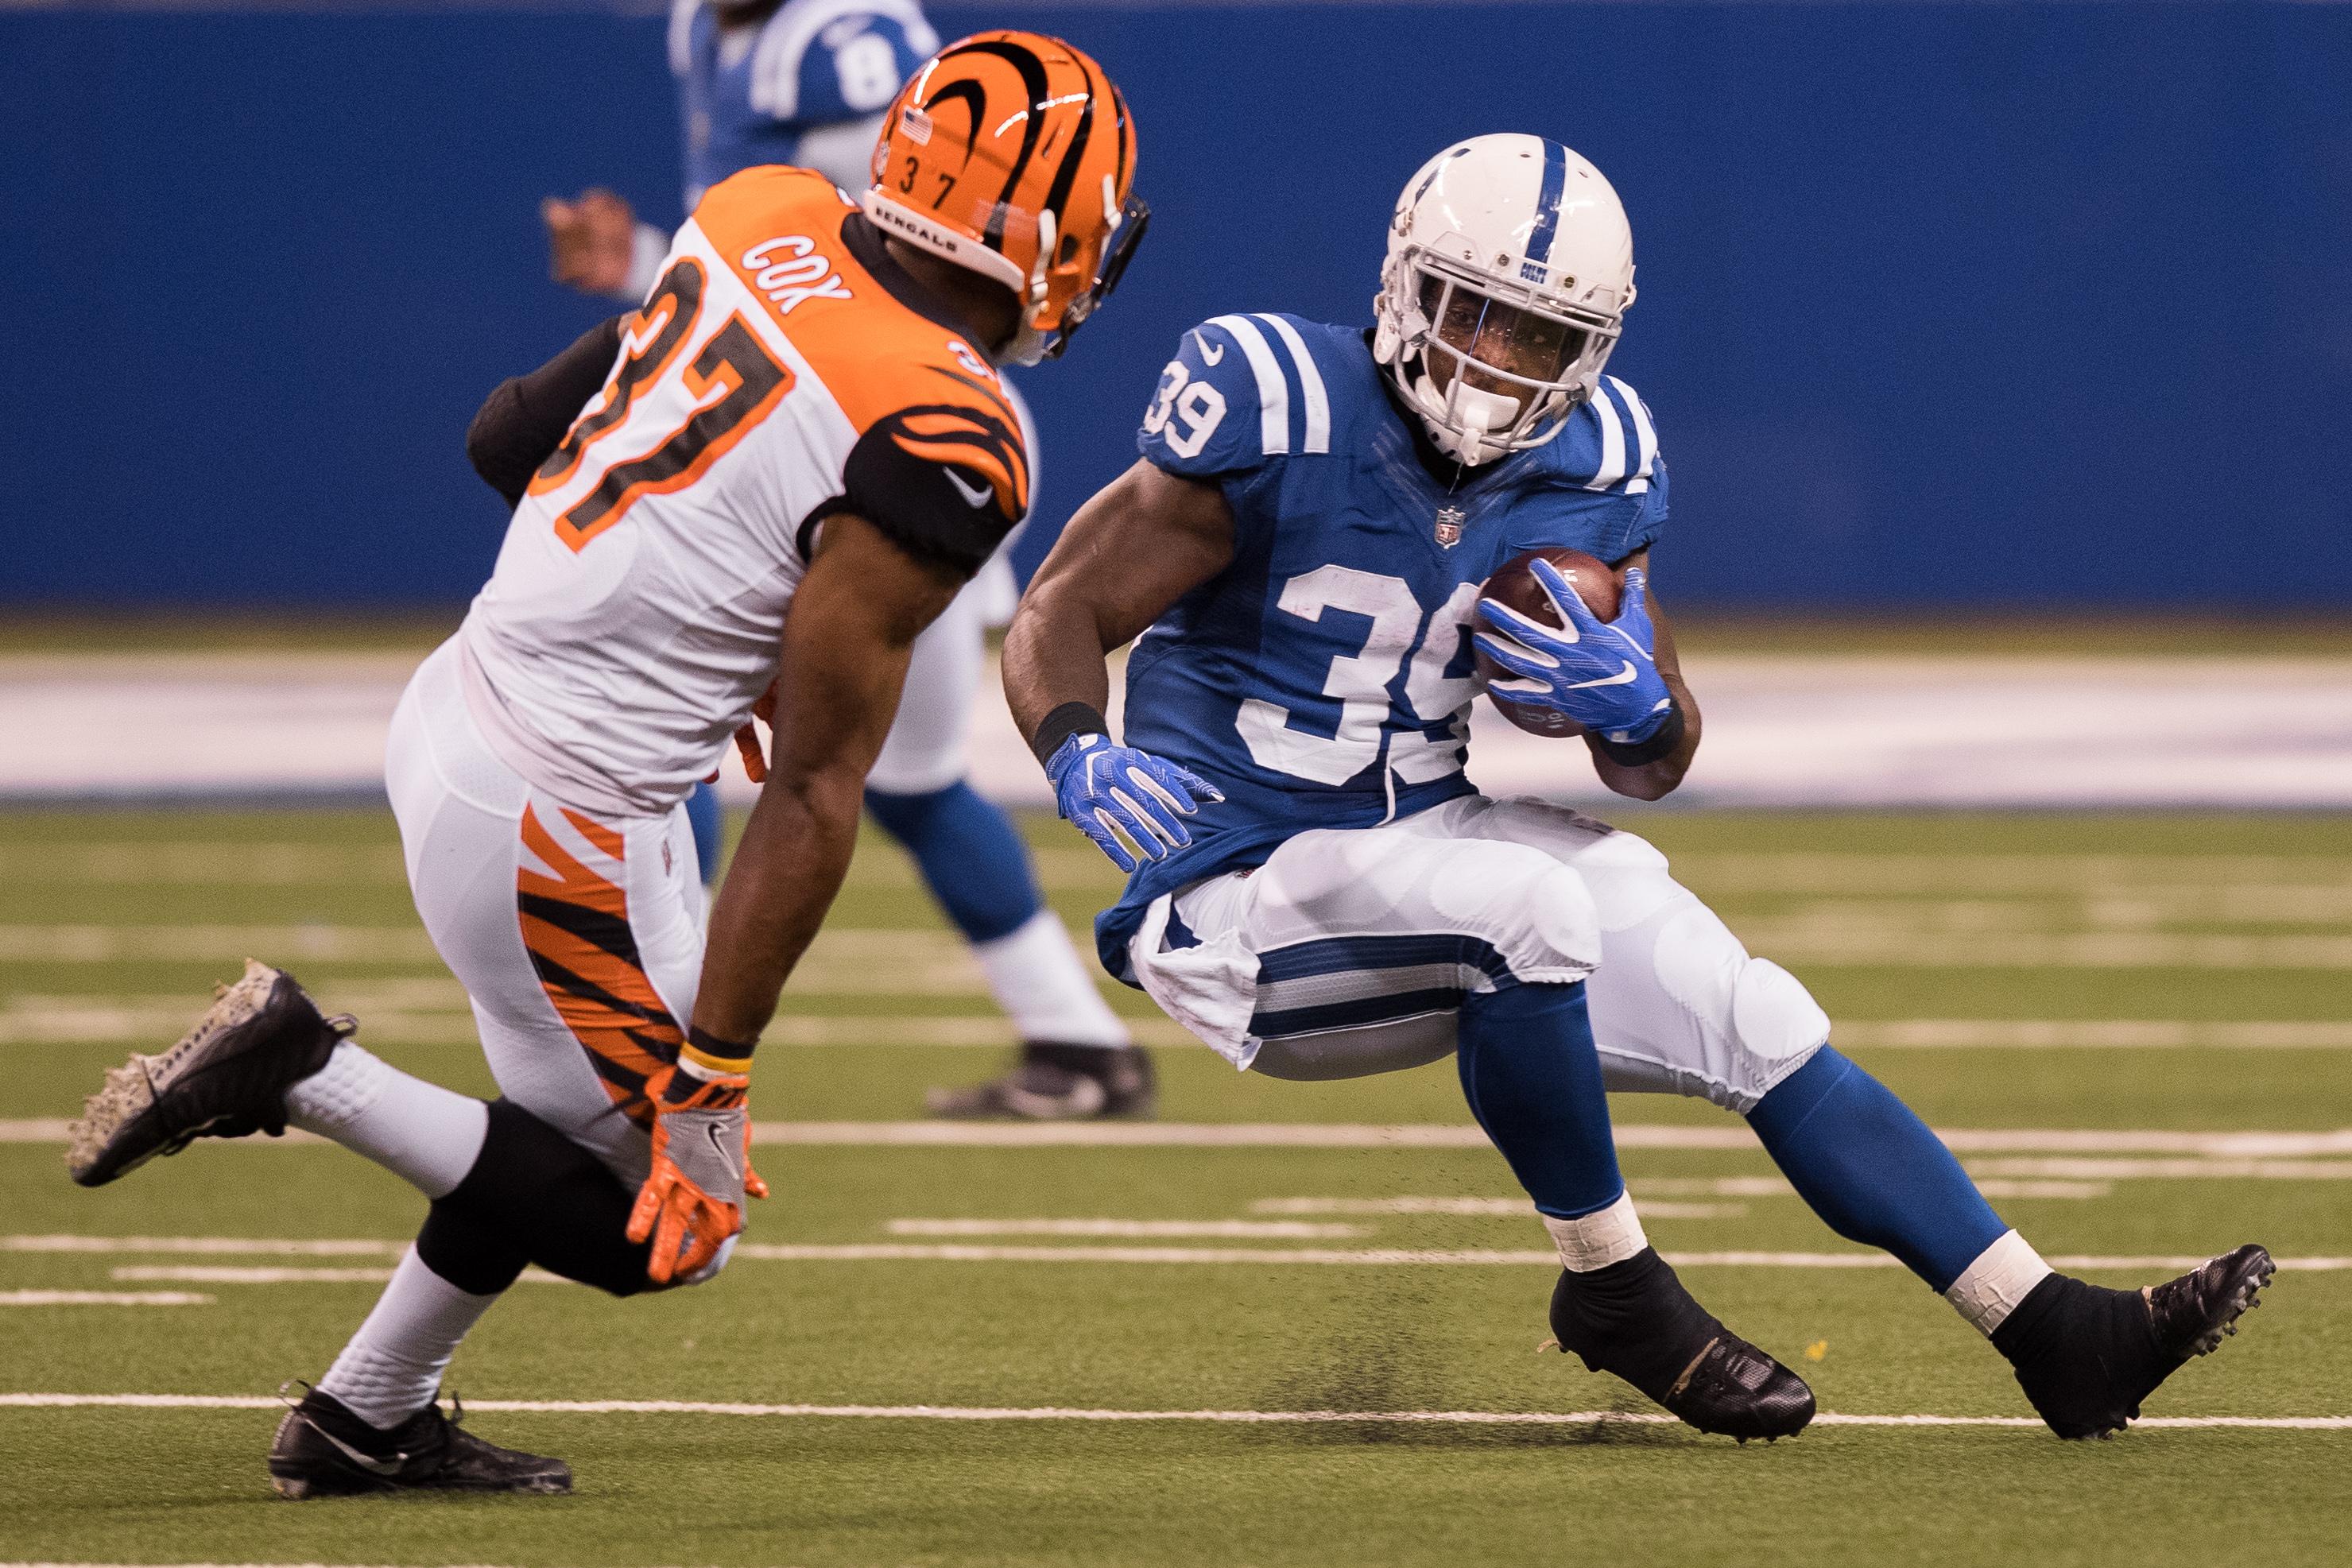 NFL: AUG 31 Preseason - Bengals at Colts